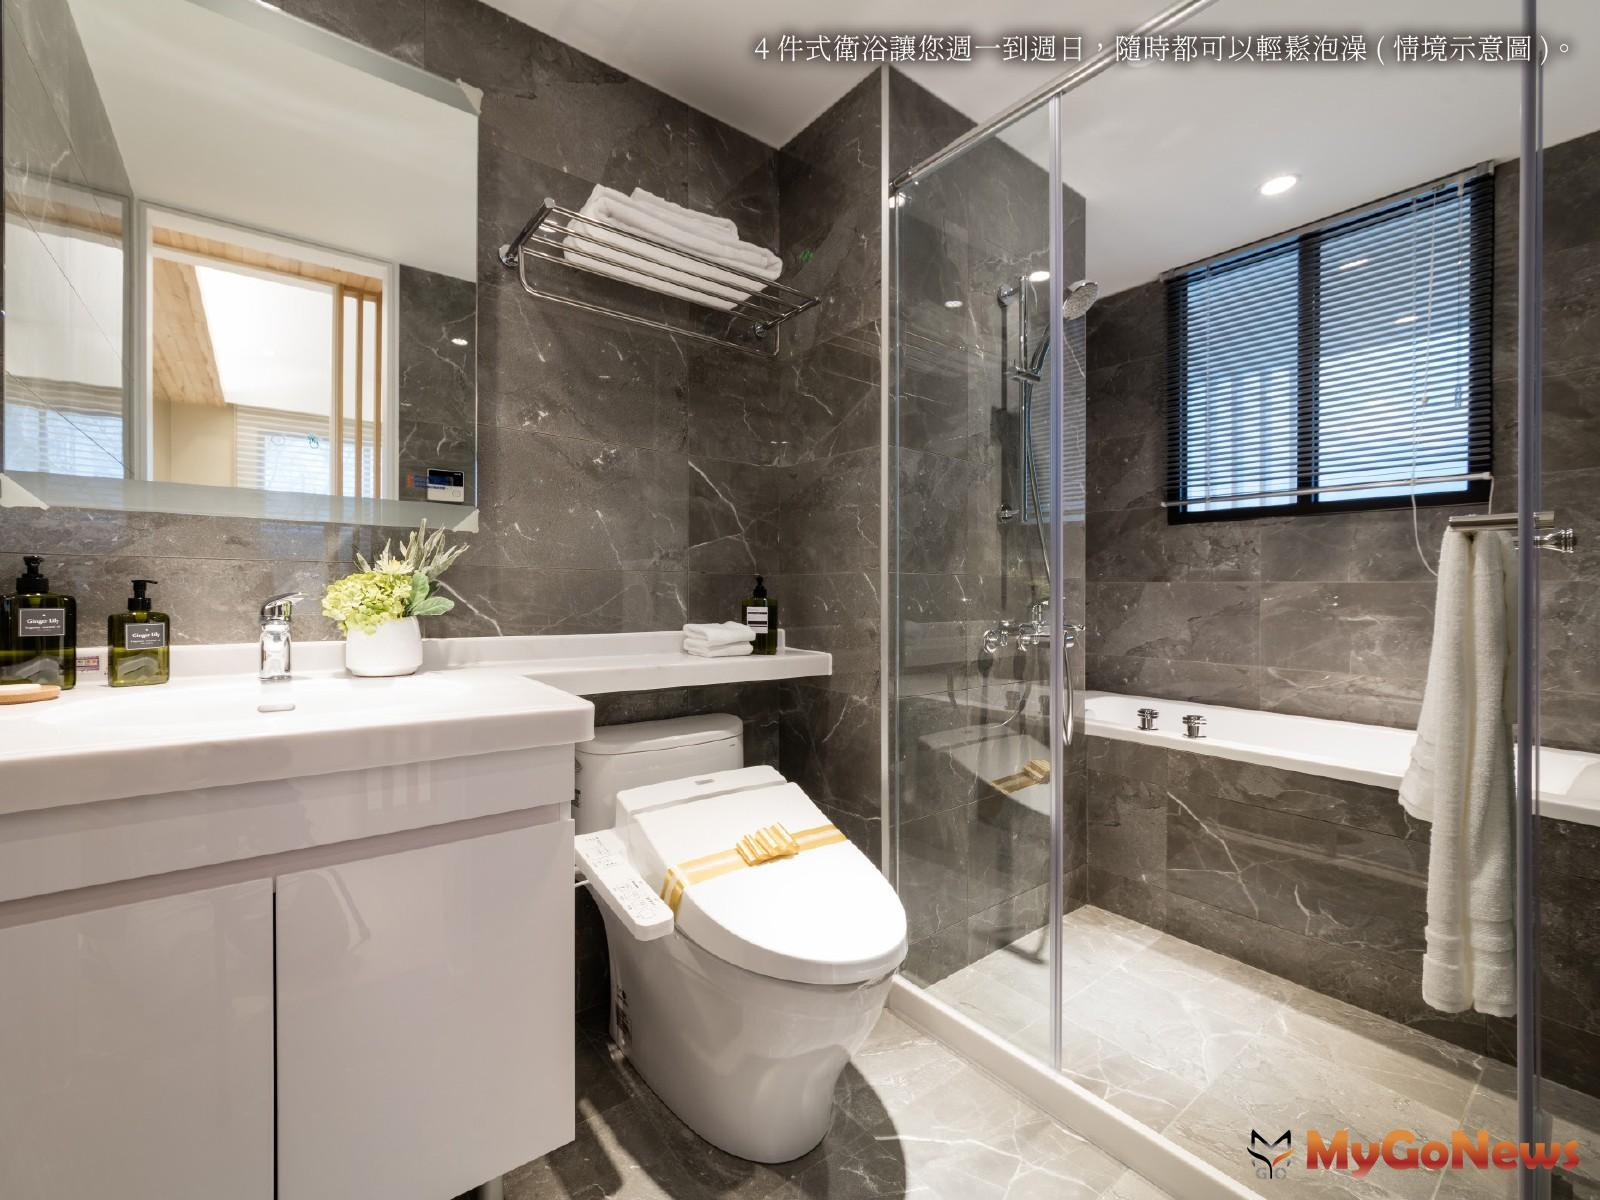 4 件式衛浴讓您週一到週日,隨時都可以輕鬆泡澡( 情境示意圖)。 MyGoNews房地產新聞 專題報導